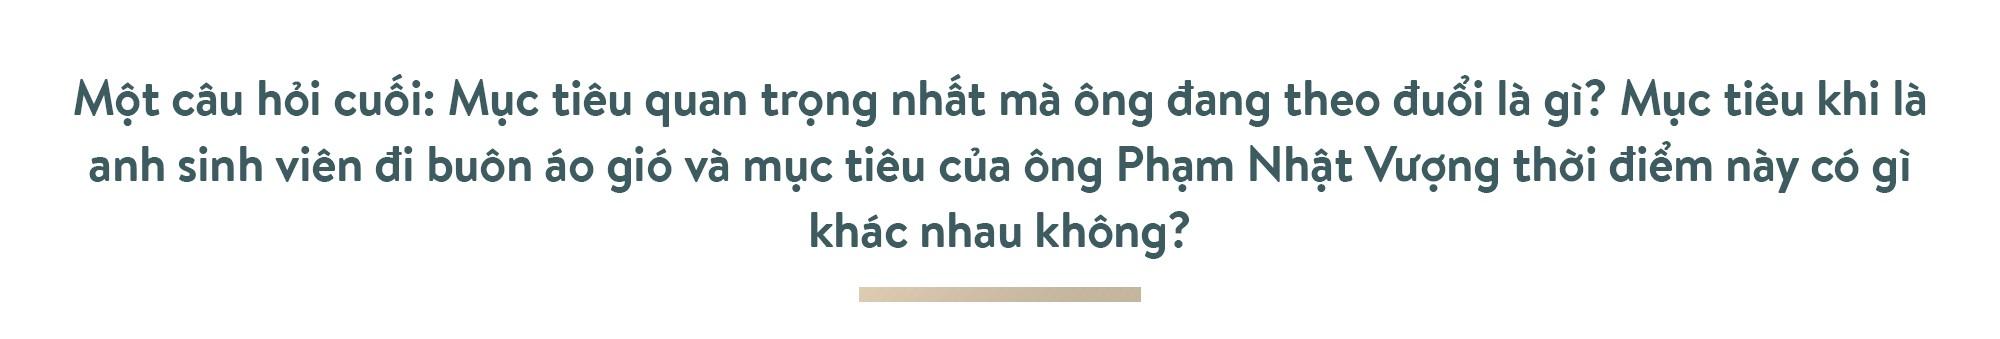 Ông Phạm Nhật Vượng: Thế giới phải biết Việt Nam trí tuệ, đẳng cấp - Ảnh 34.